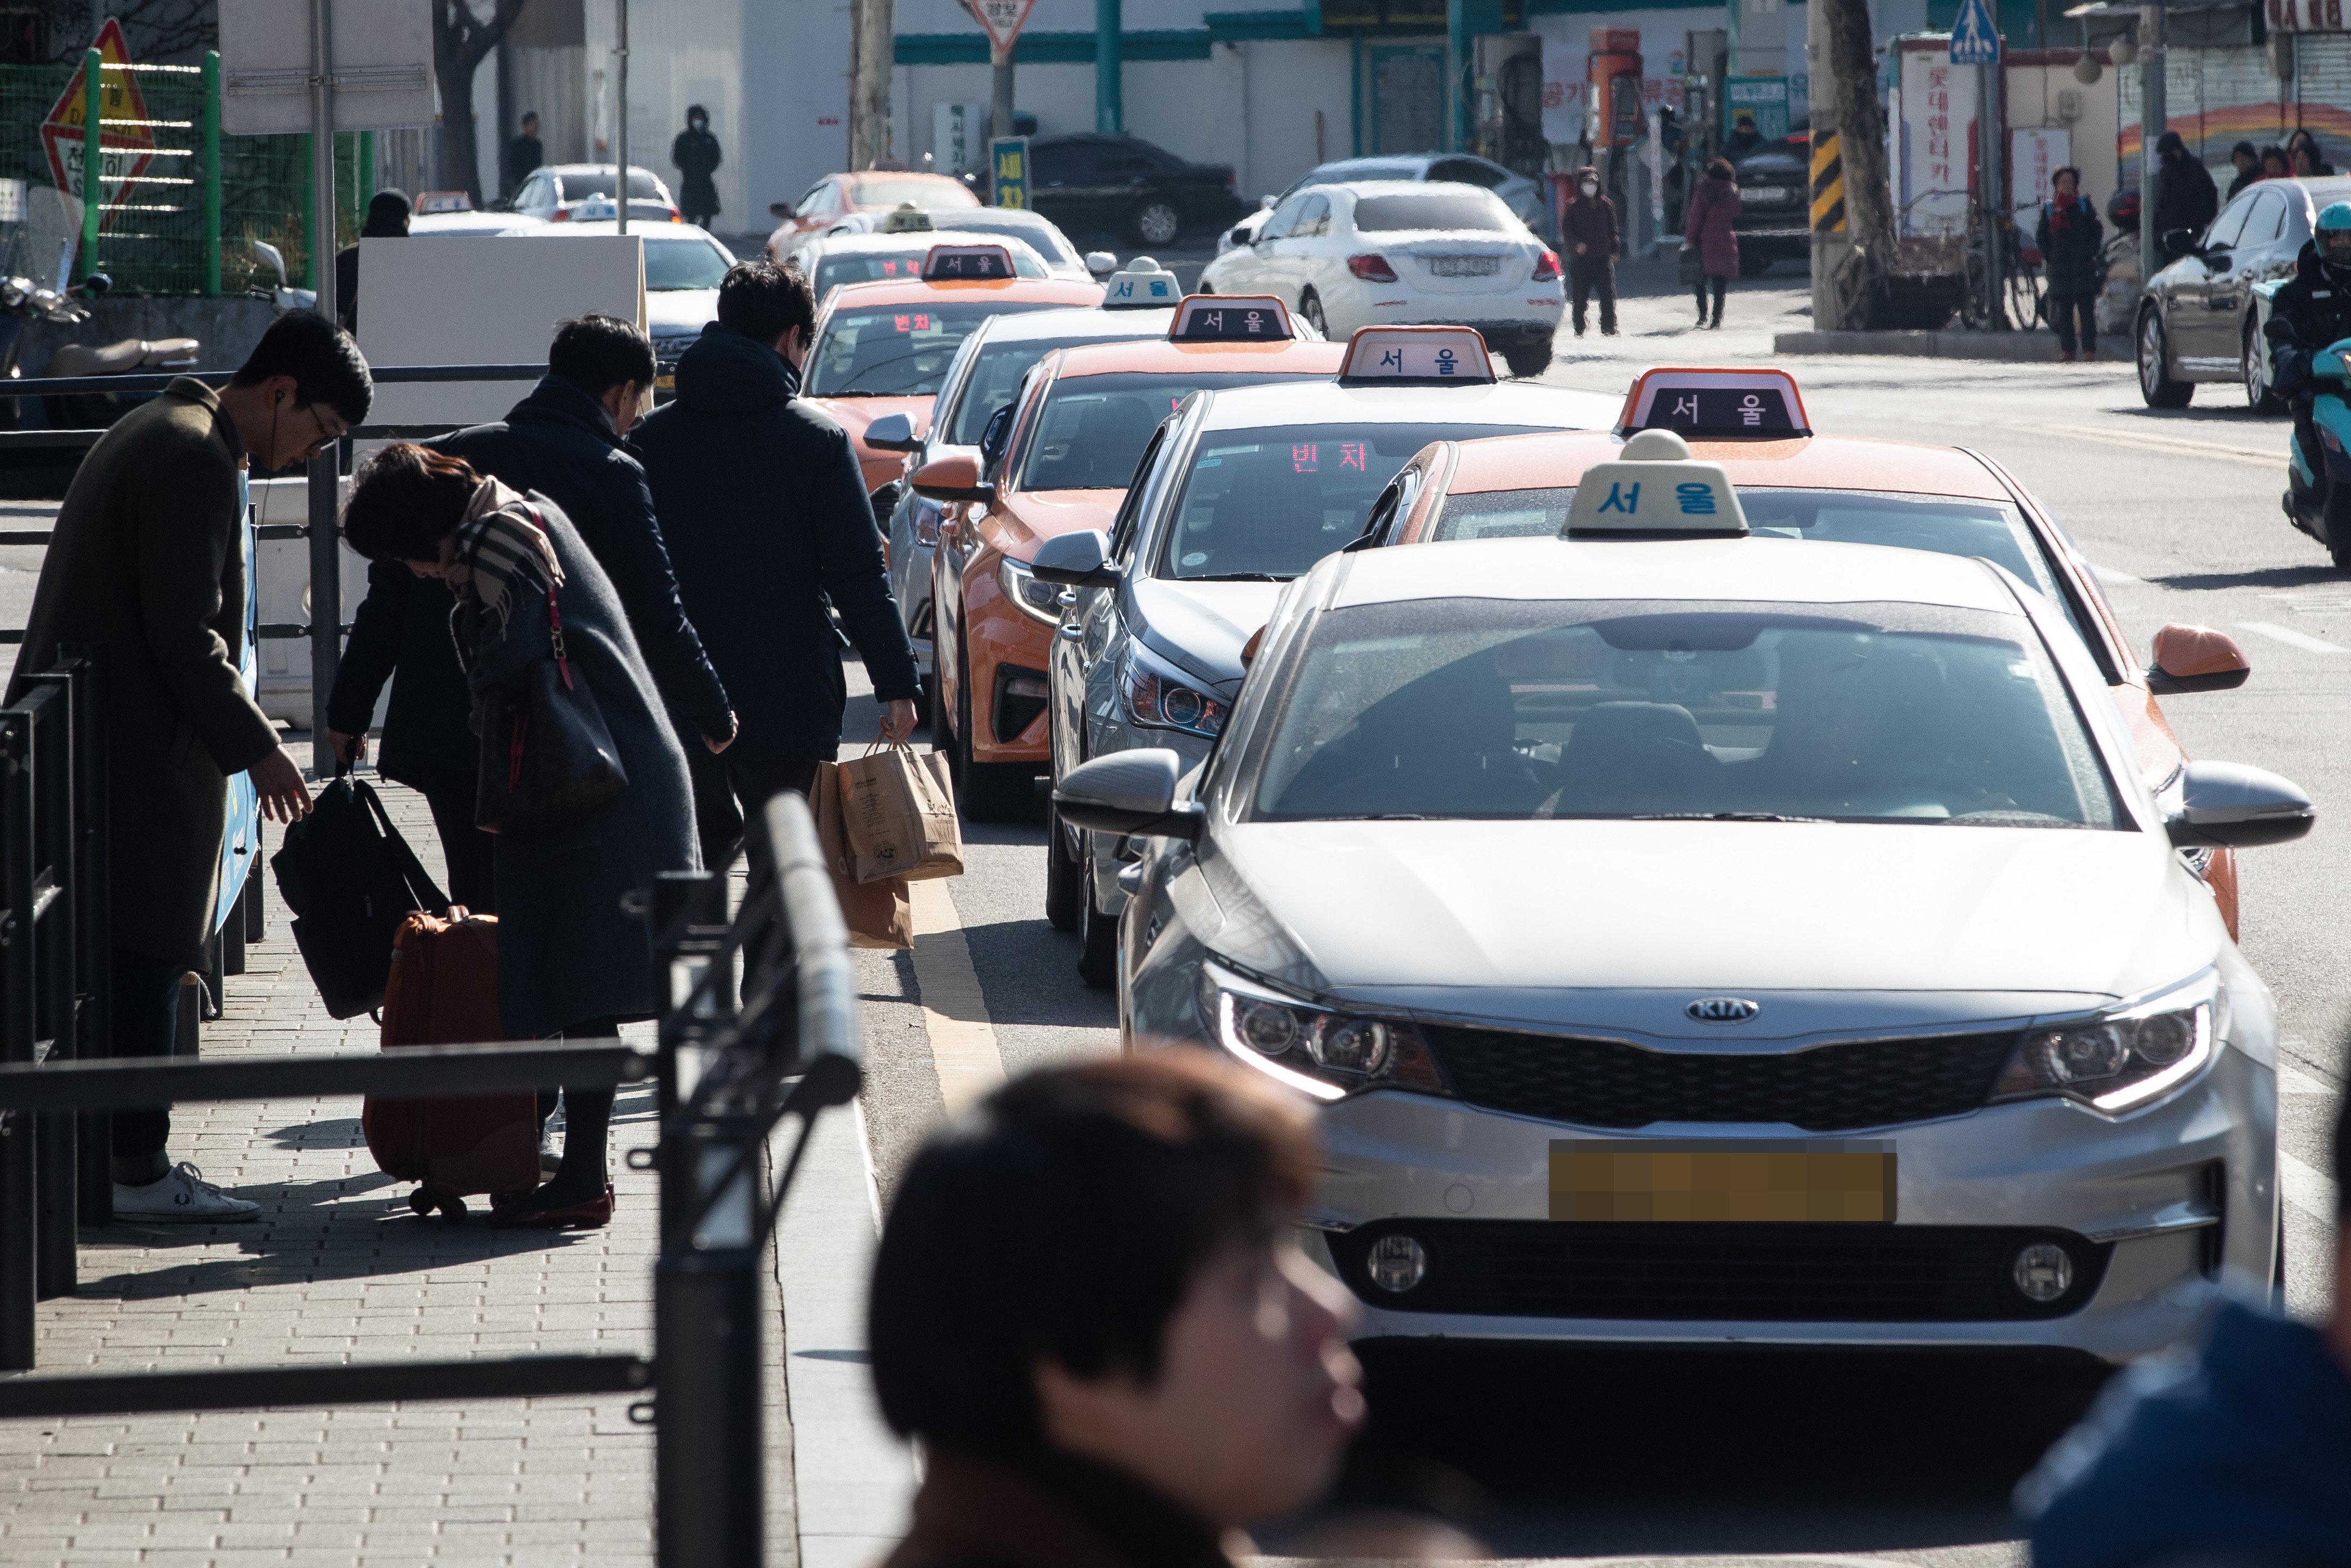 서울시가 '상습 승차거부' 택시회사에 운행정지 처분